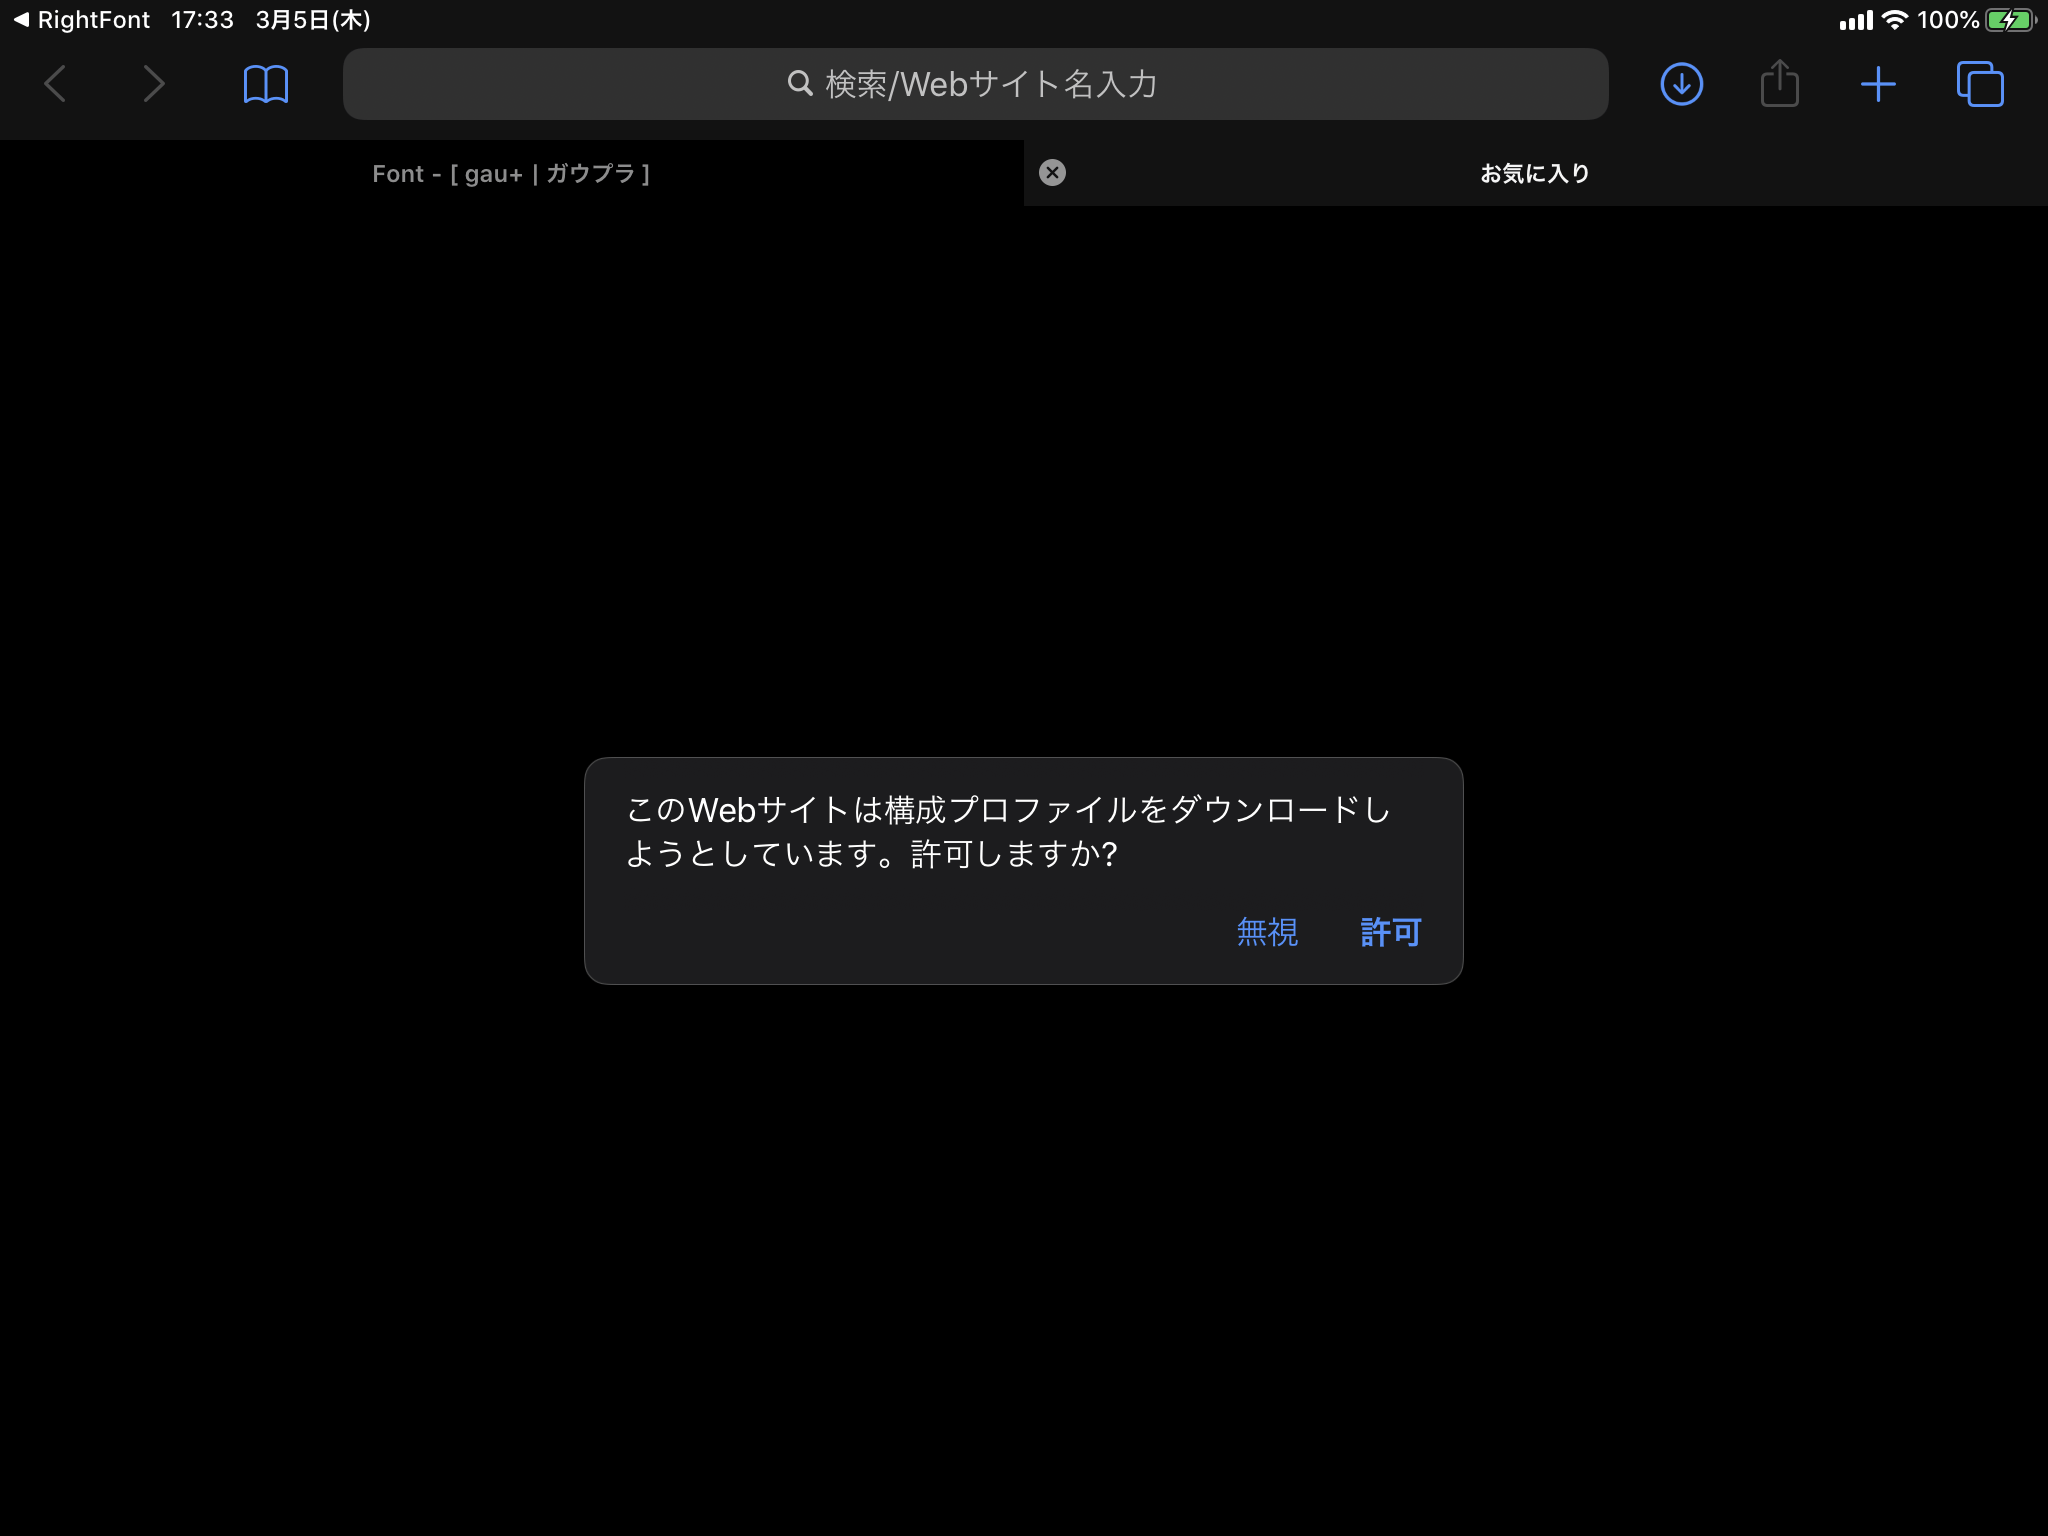 プロファイルダウンロードの許可